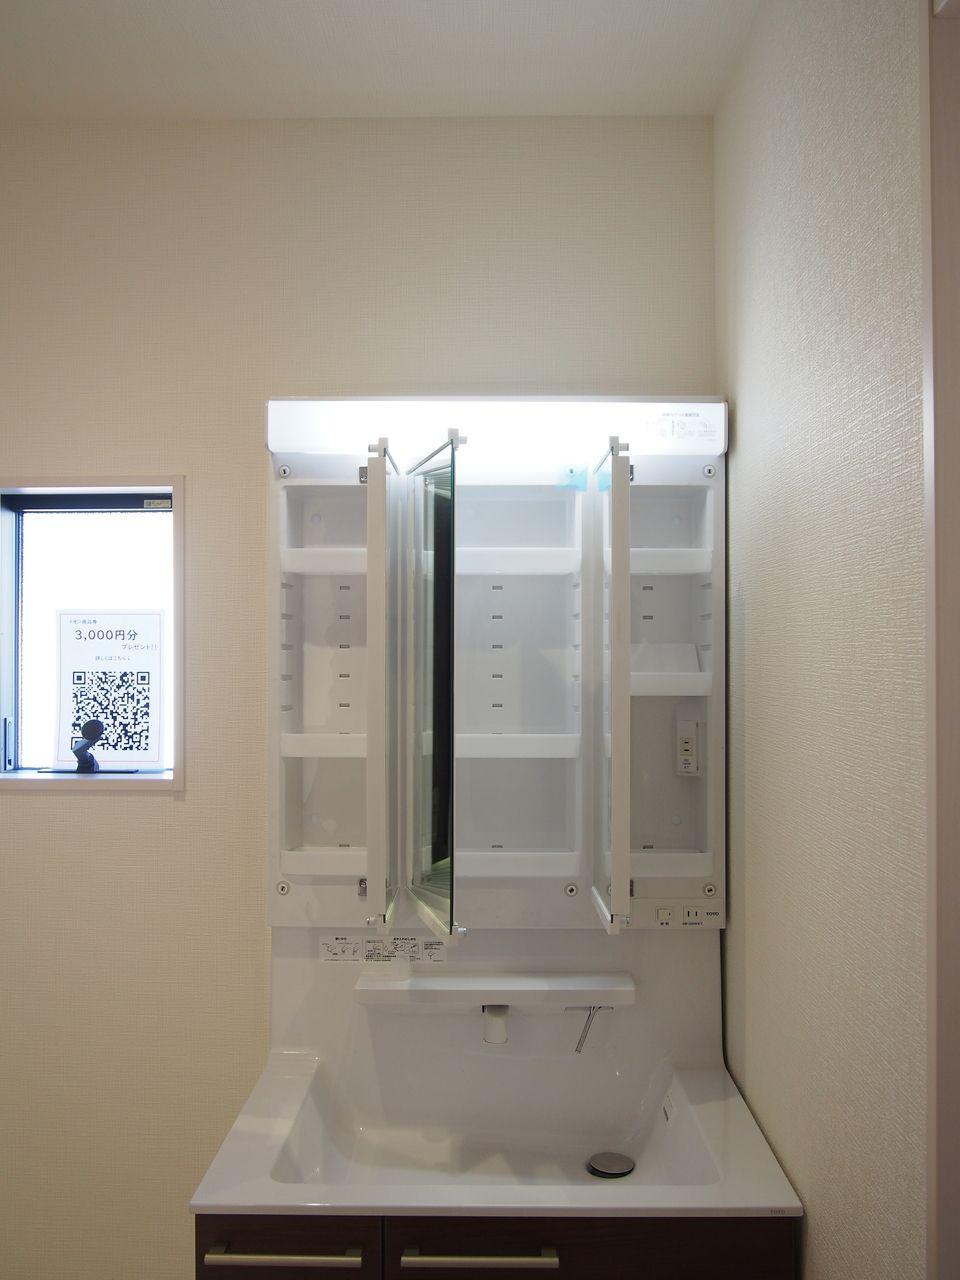 3面鏡はミラーが3つに分かれて付いており、裏面が収納となっています。洗面廻りの小物がミラー裏にすっきり収納できるので、洗面台まわりのゴチャゴチャを解消できます。